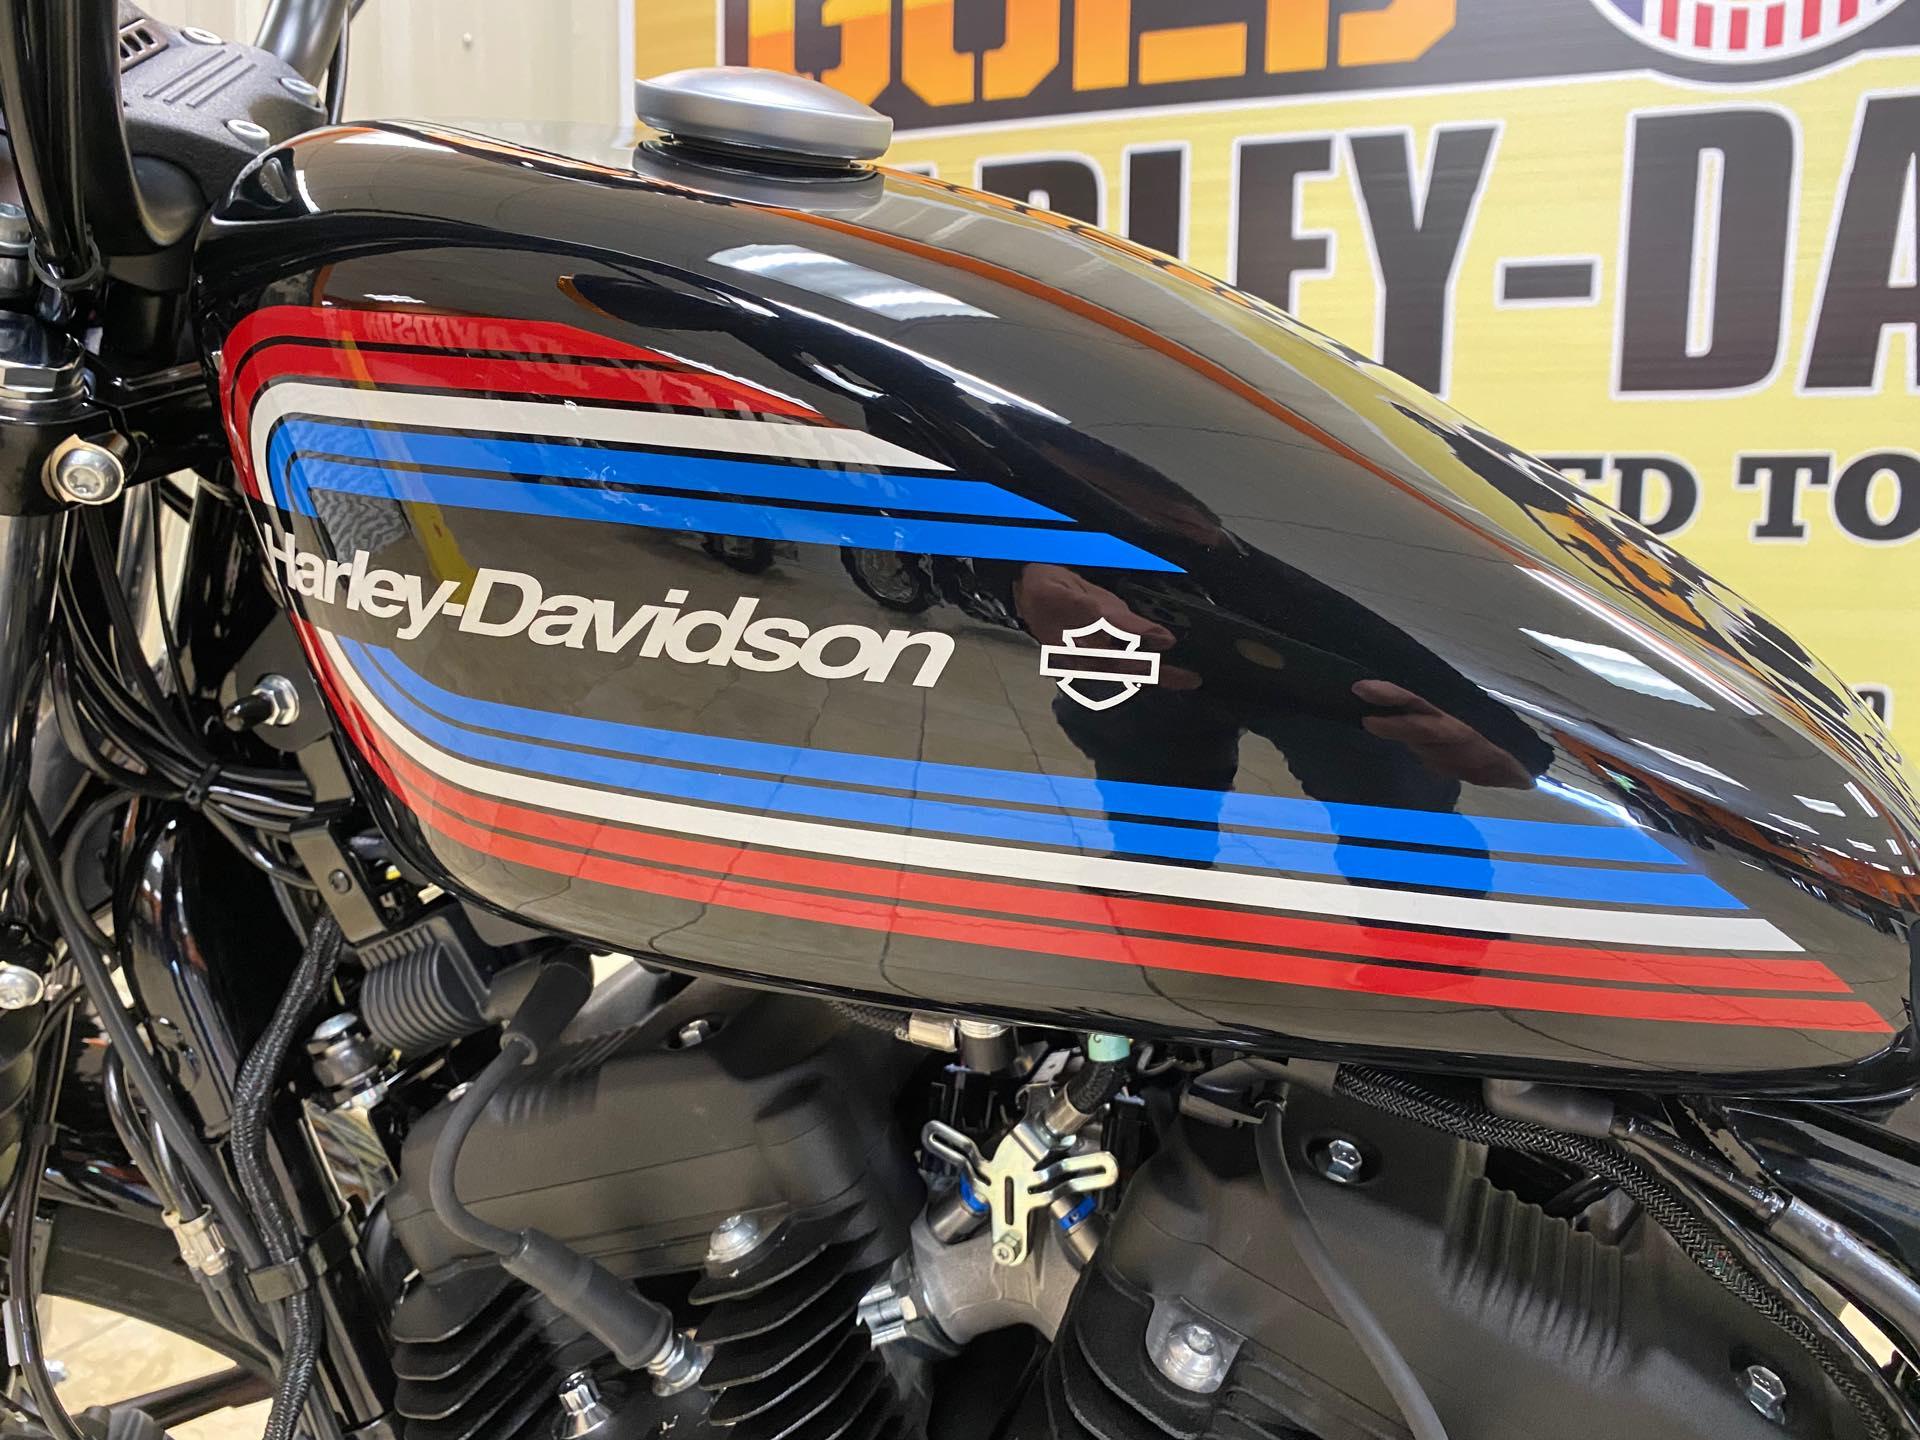 2021 Harley-Davidson Cruiser XL 1200NS Iron 1200 at Gold Star Harley-Davidson